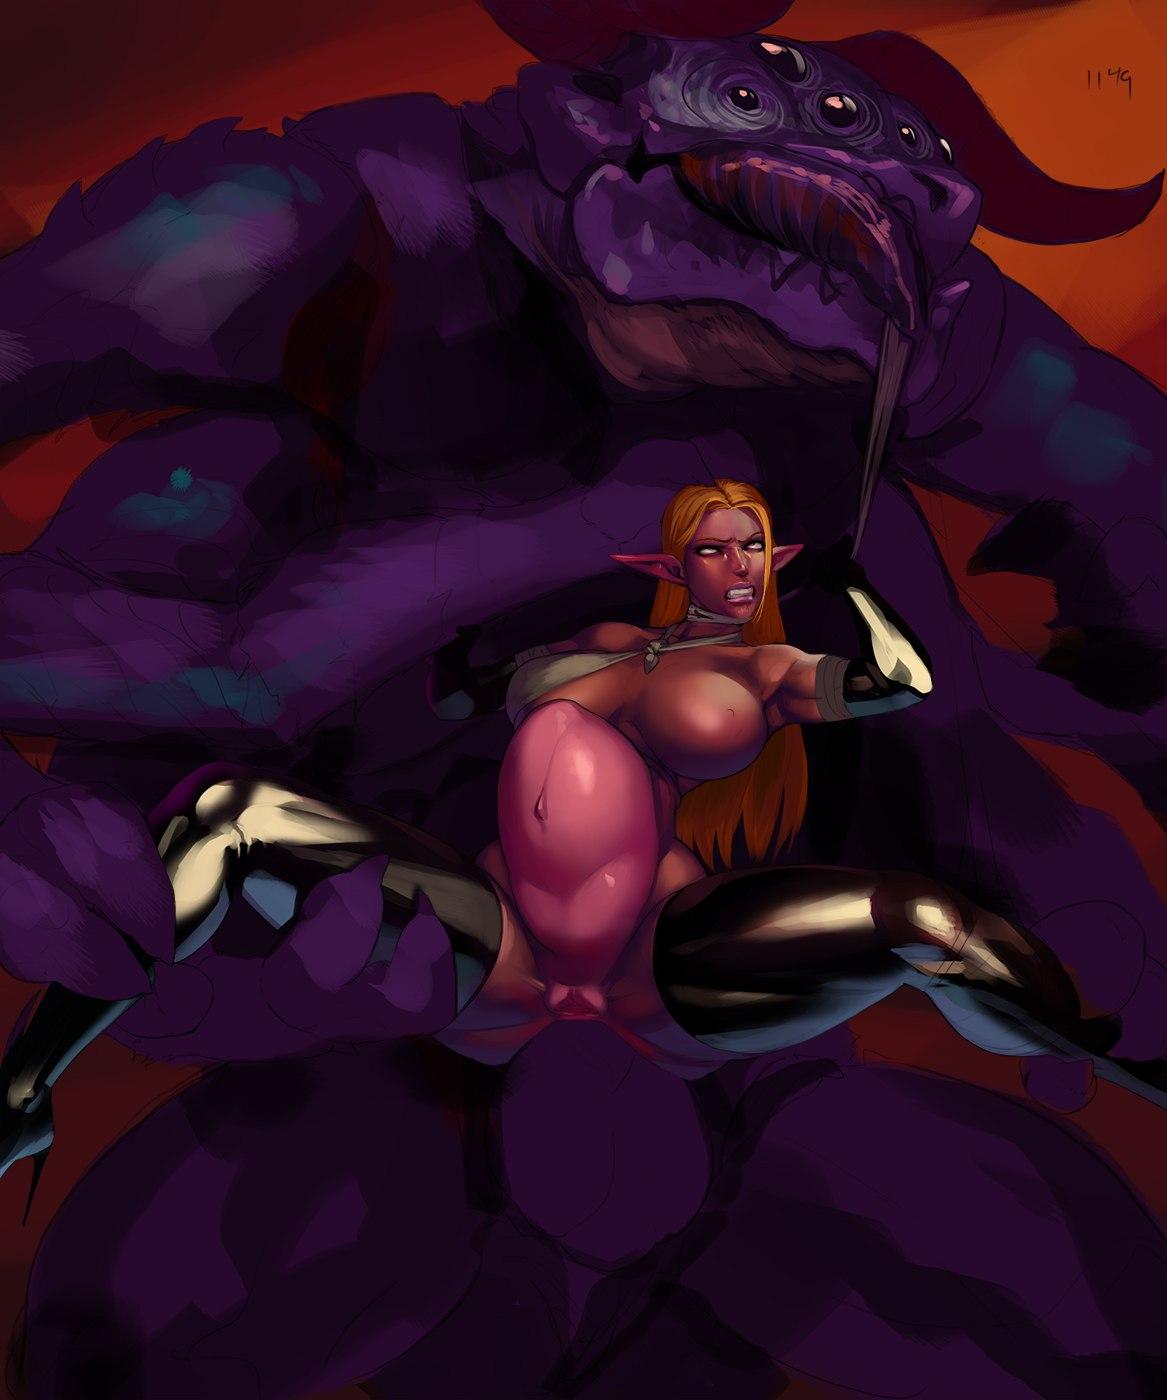 demon webtoon mage and queen Aloy horizon zero dawn nude